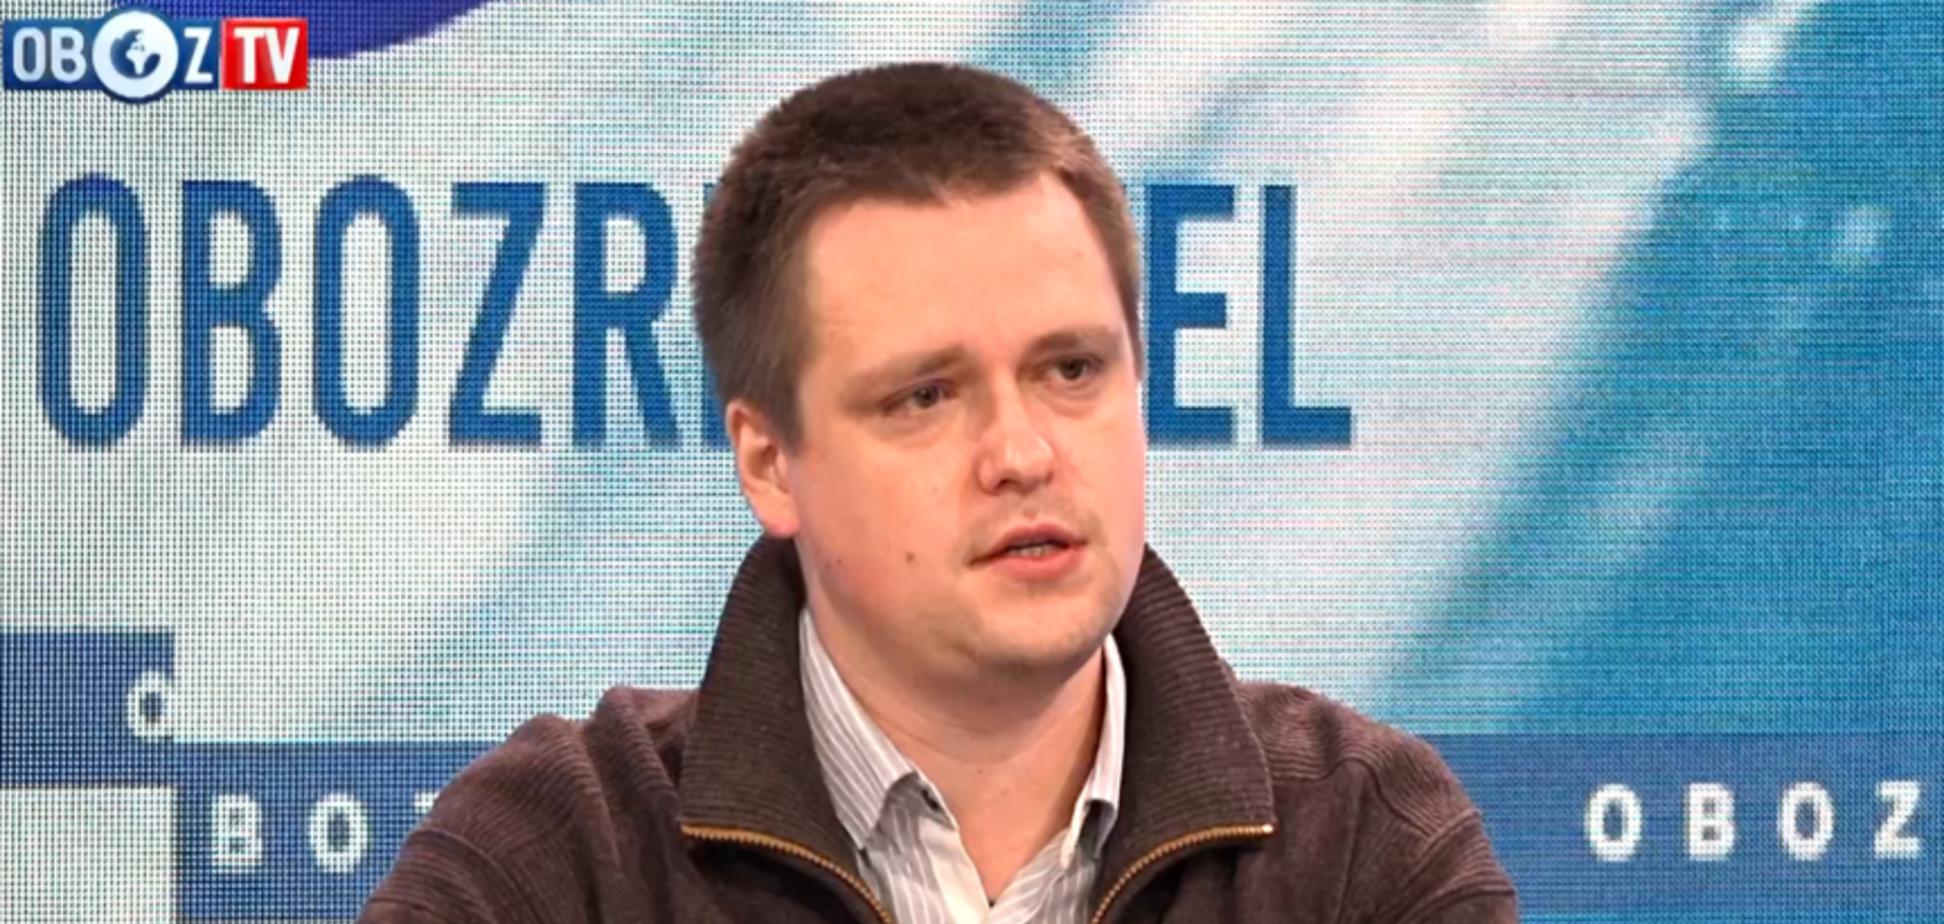 За межами раціональності: урбаніст назвав головні проблеми українських транспортних інфраструктурних проектів